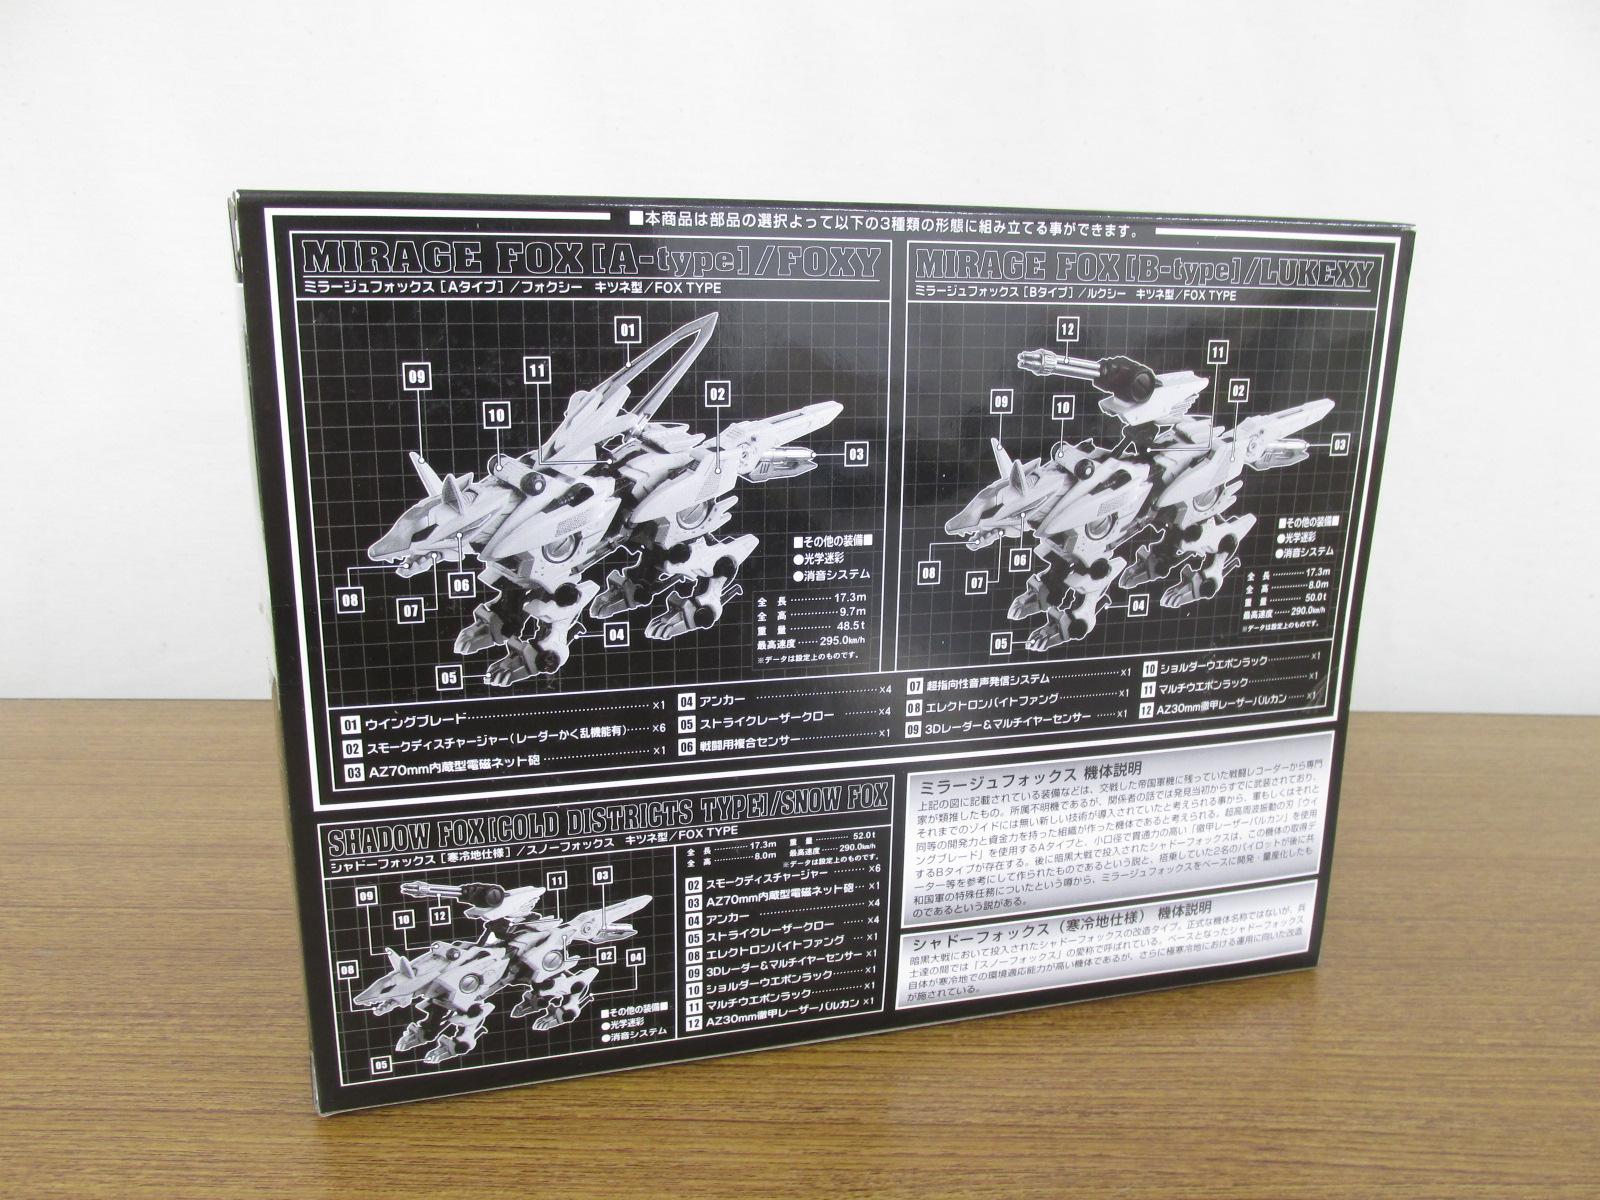 タカラトミー ゾイドオリジナル 1/72スケール ミラージュフォックス キツネ型/FOX TYPE